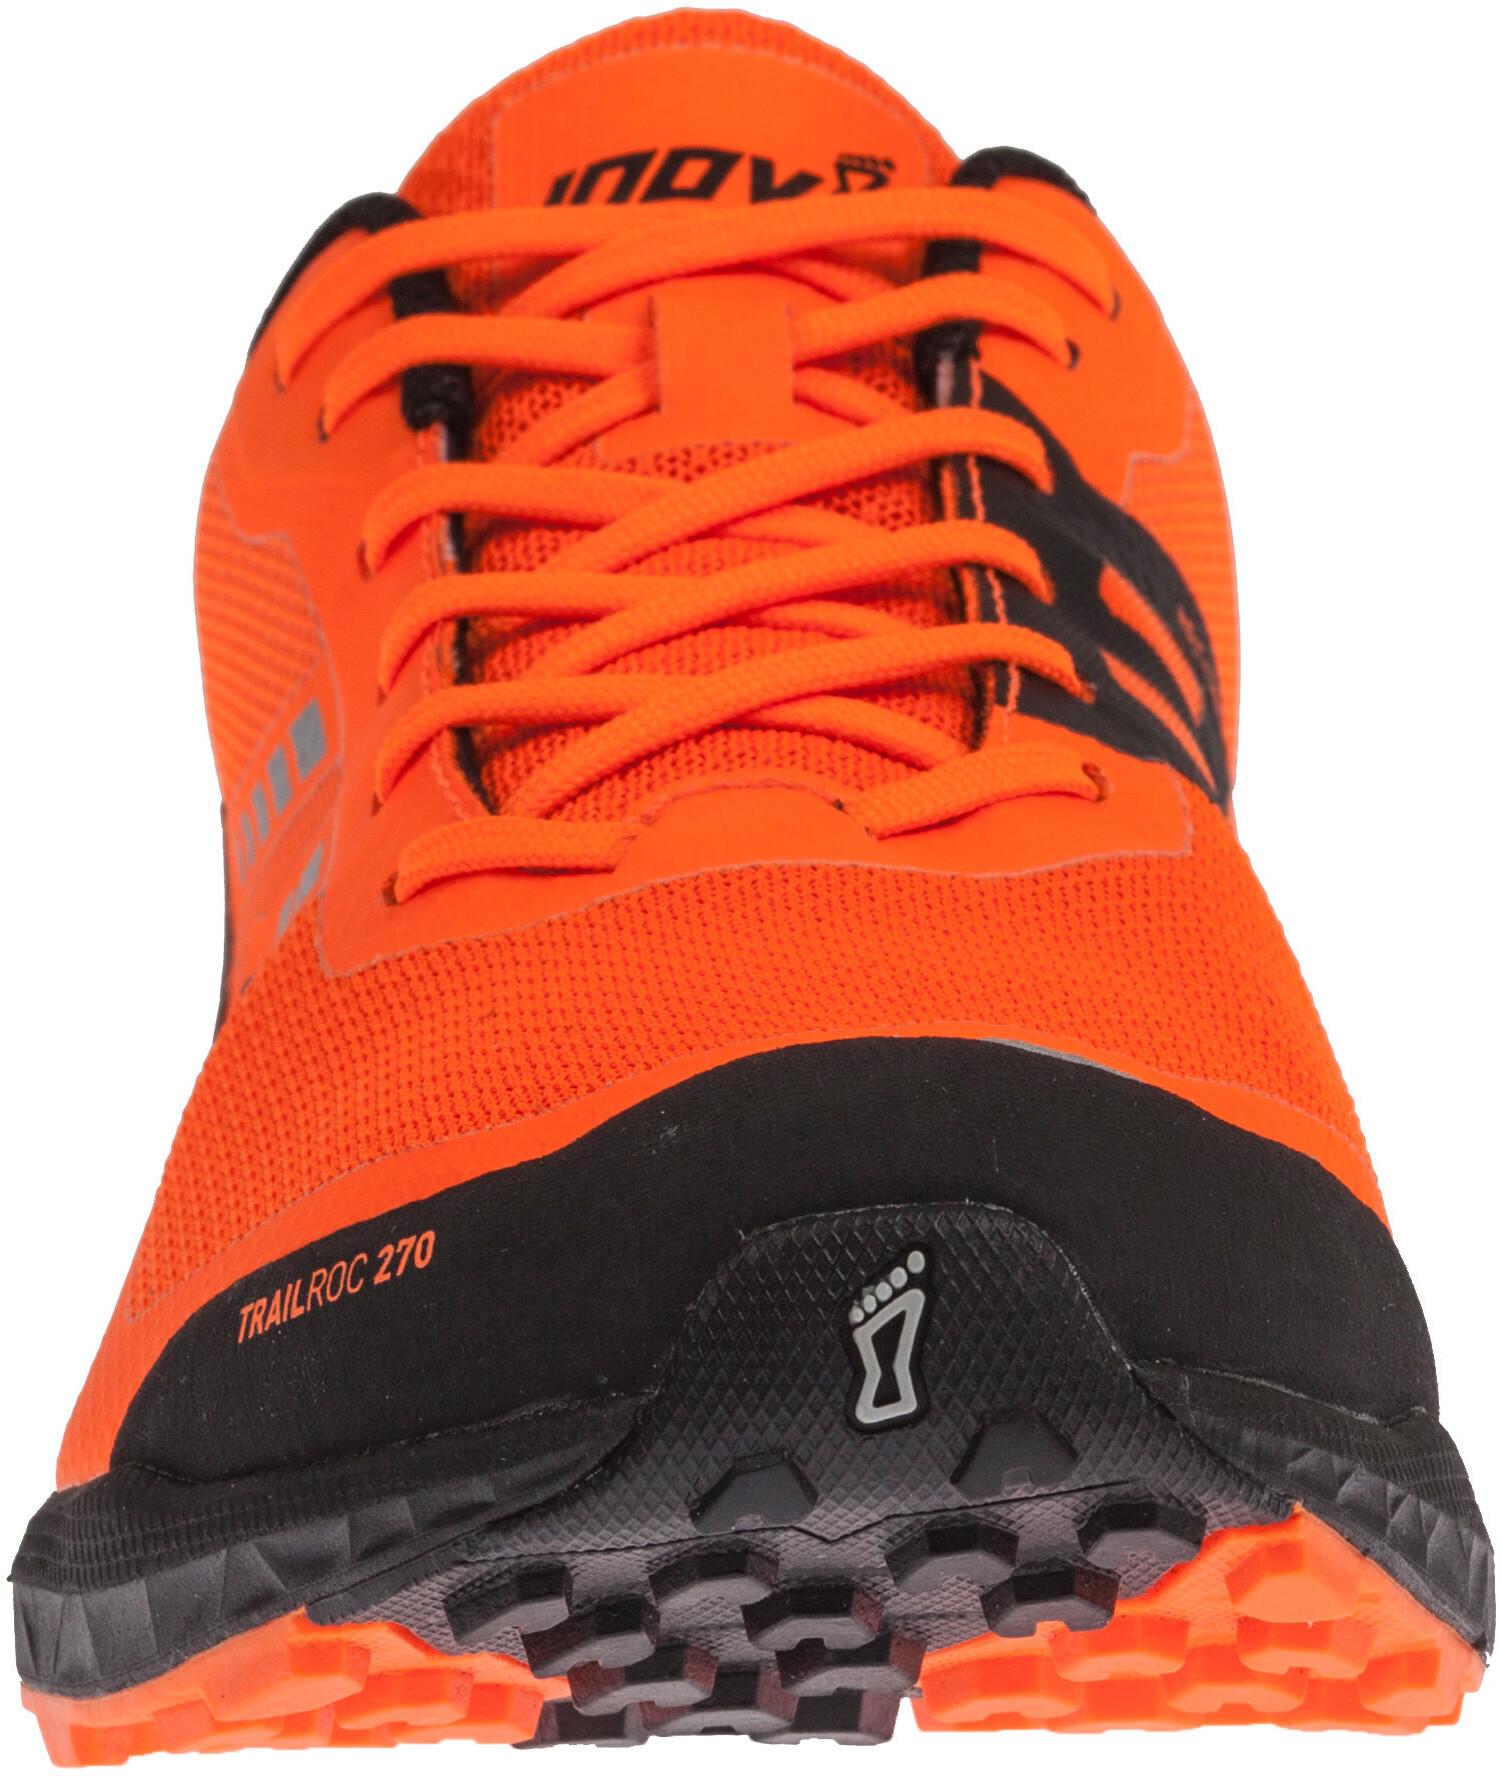 inov-8 Trailroc 270 - Chaussures running Homme - orange sur CAMPZ ! 26bc54d4635b